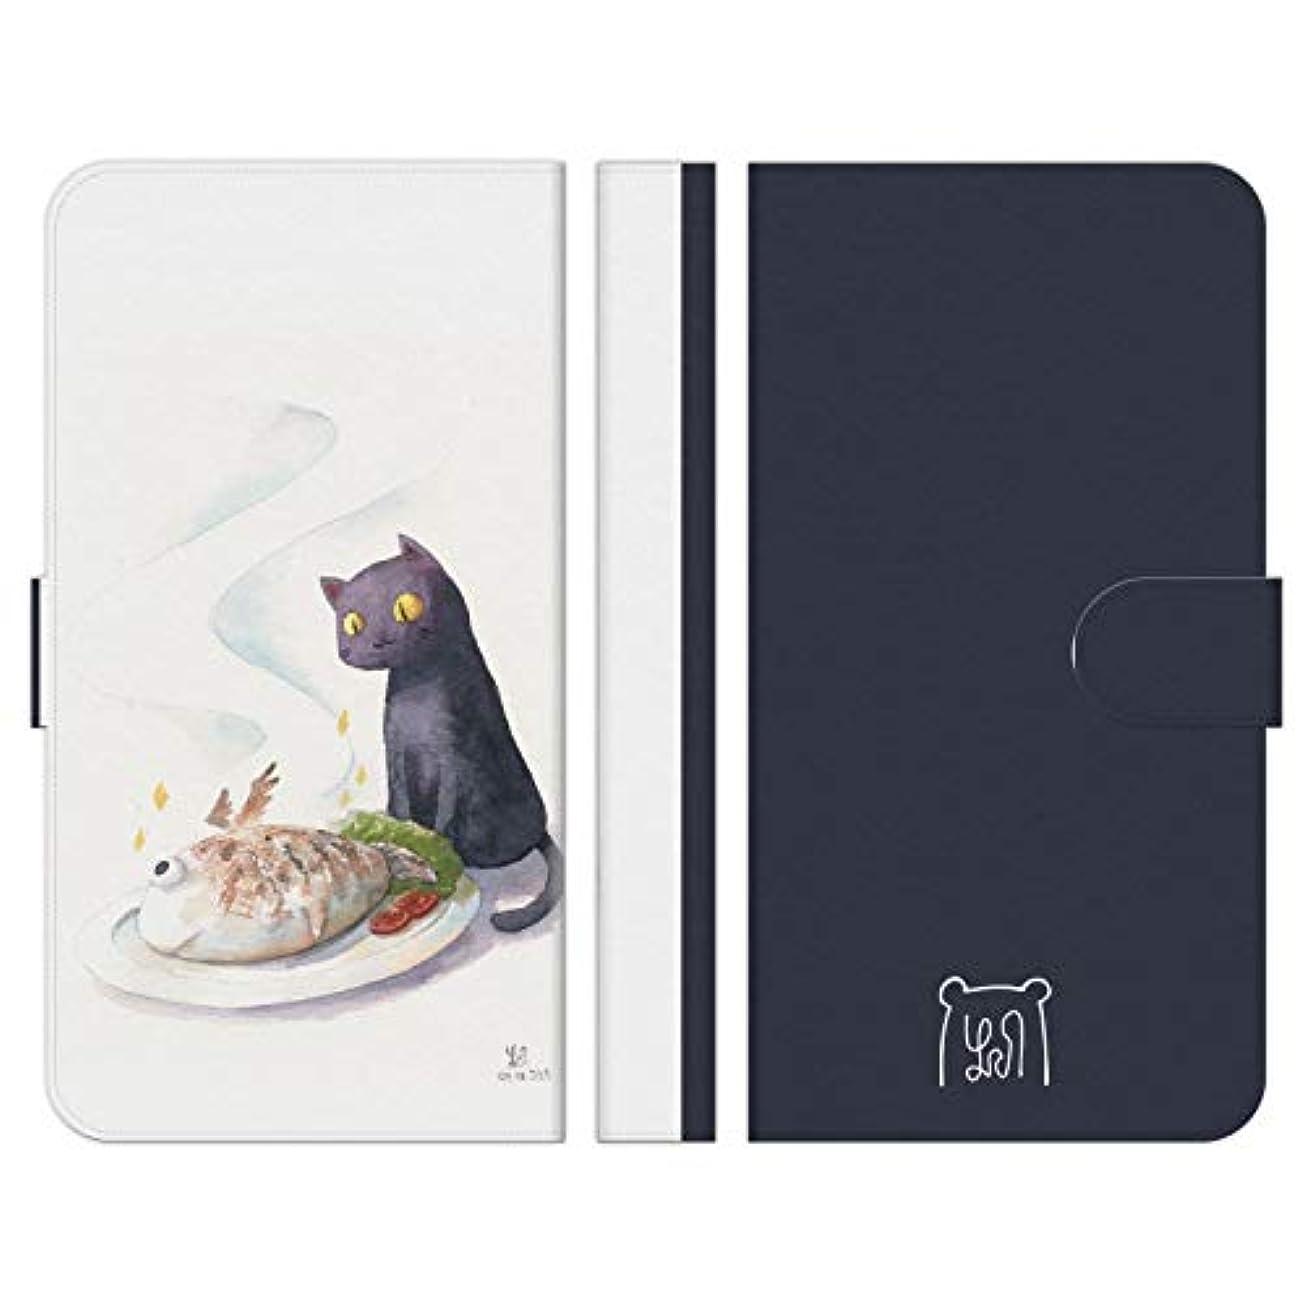 権限を与えるモードリン水平ブレインズ らくらくスマートフォン3 F-06F 手帳型 ケース カバー いただきます モーク ネコ 猫 黒猫 イラスト 動物 かわいい